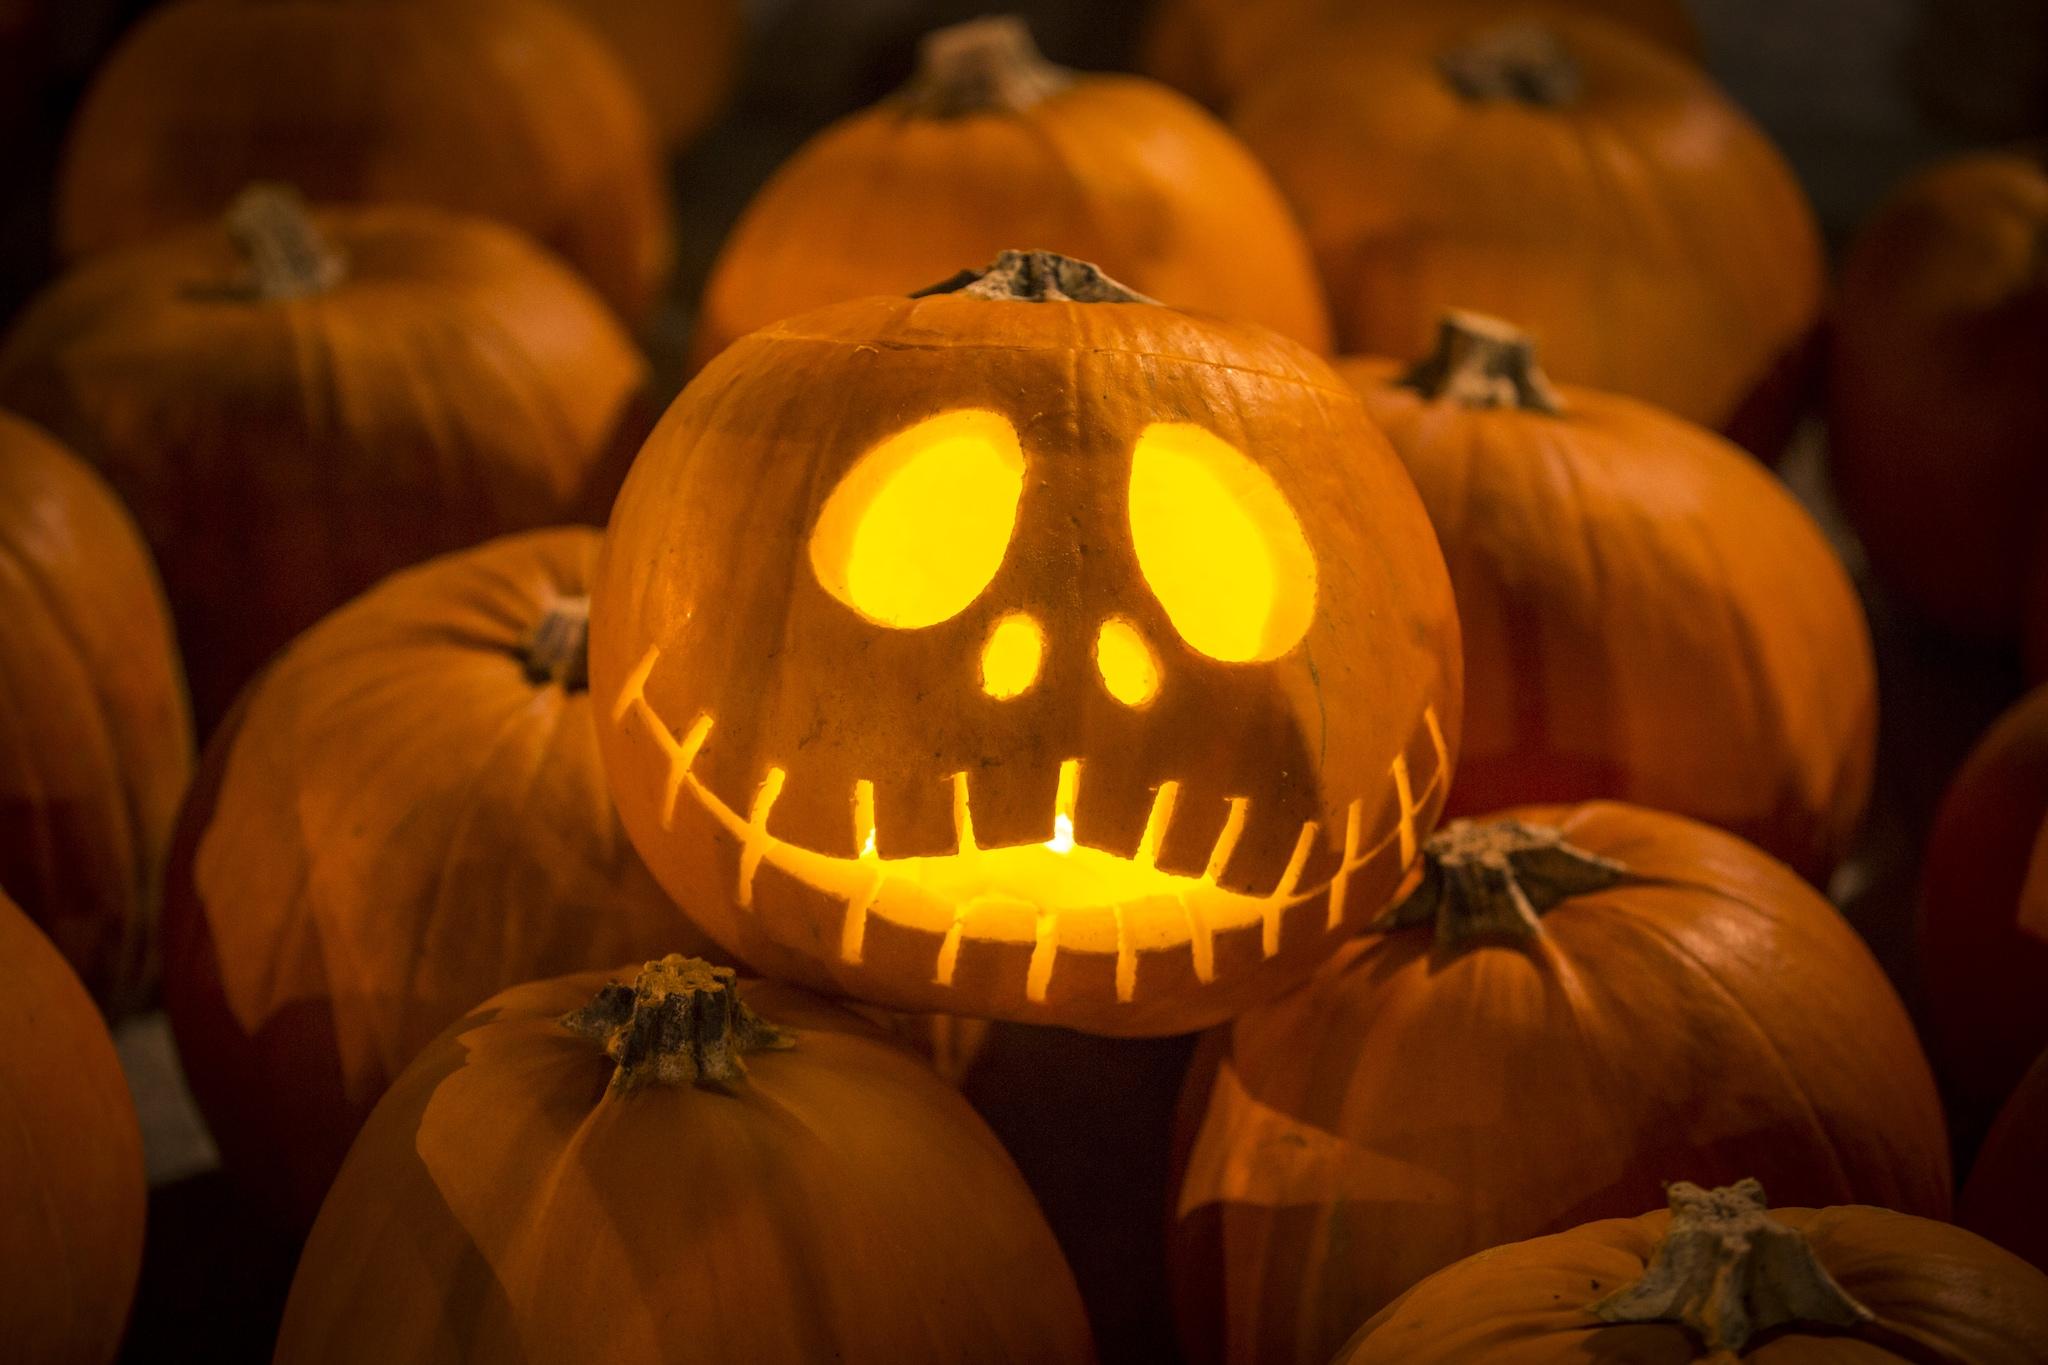 Intagliare Zucca Per Halloween Disegni 10 idee originali per intagliare le zucche di halloween (foto)